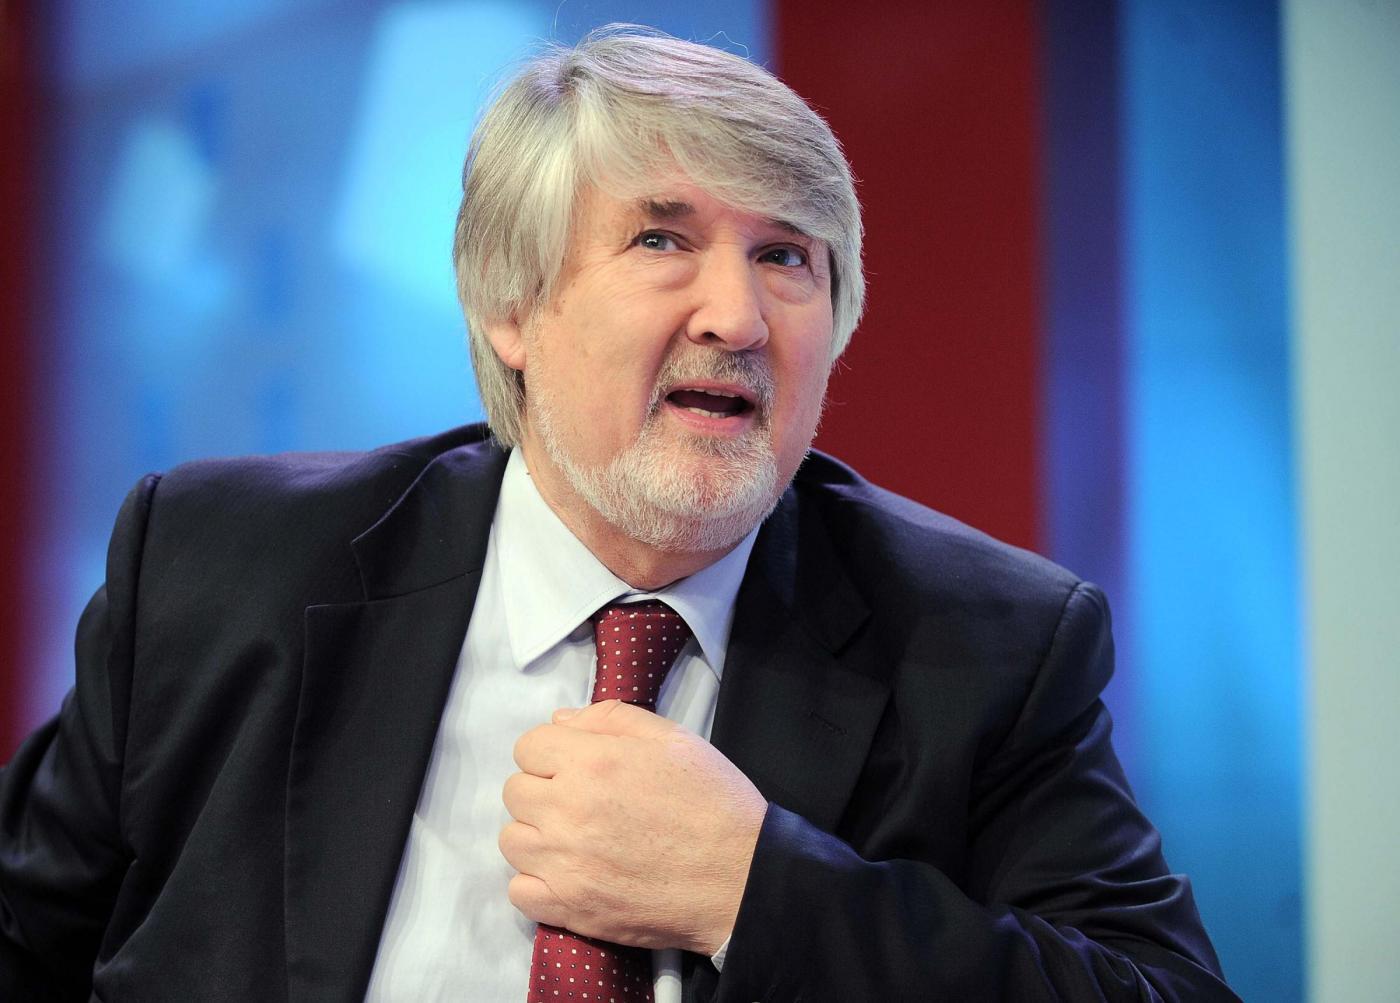 Il ministro Poletti critica le vacanze troppo lunghe e propone un'alternativa